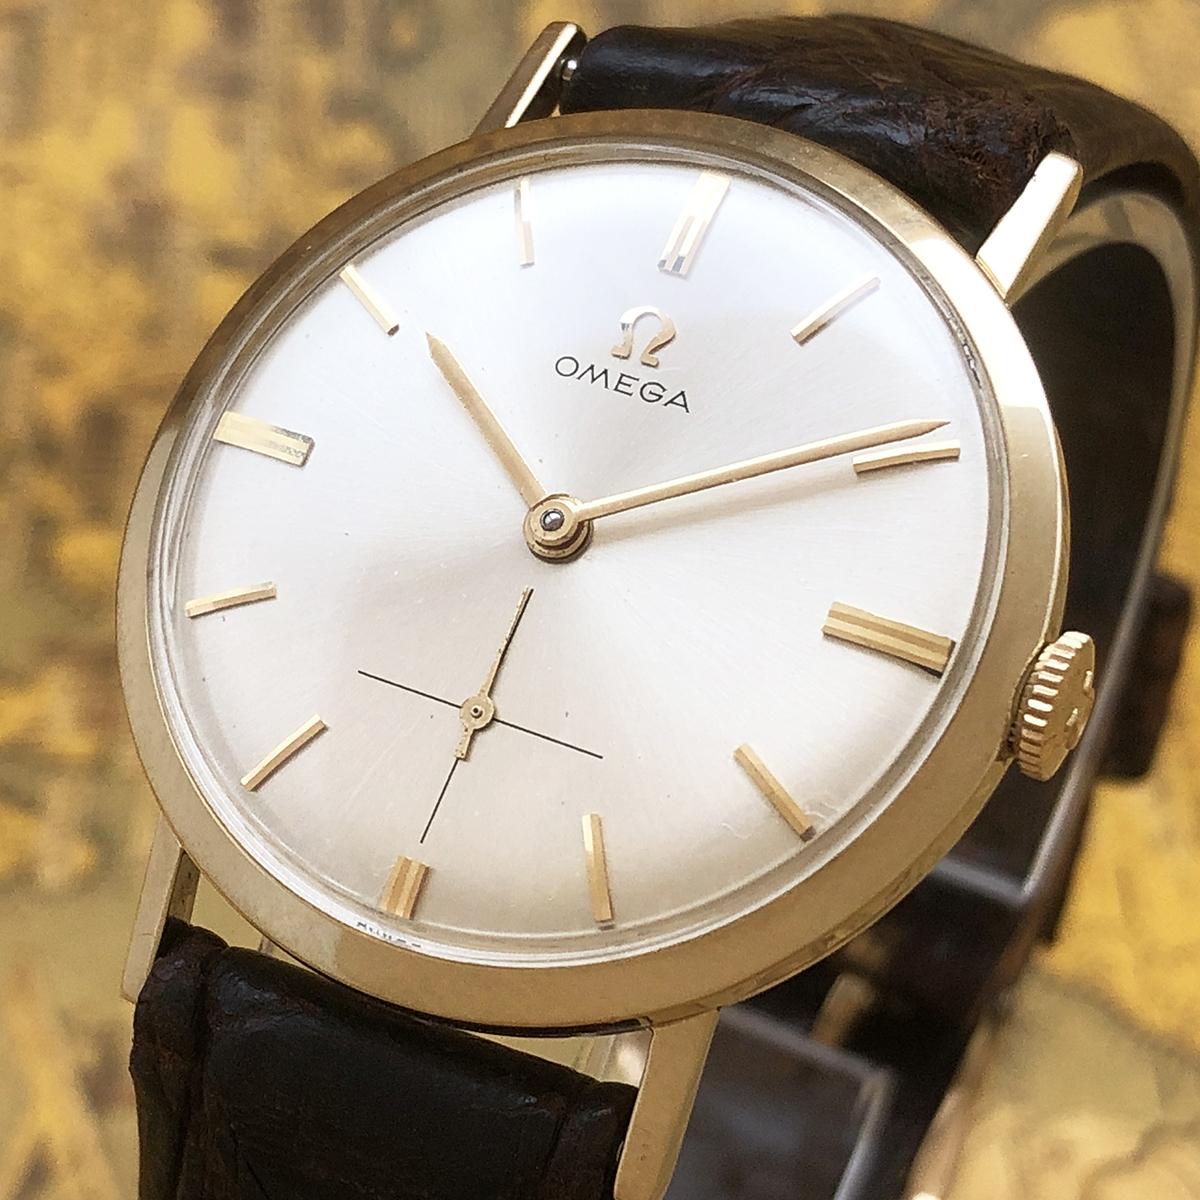 【美品14金無垢】OMEGA オメガ 1960s アンティーク 14K 金無垢 cal.510 銀文字盤 ビンテージ トリプル サイン 高級 ブランド メンズ 腕時計